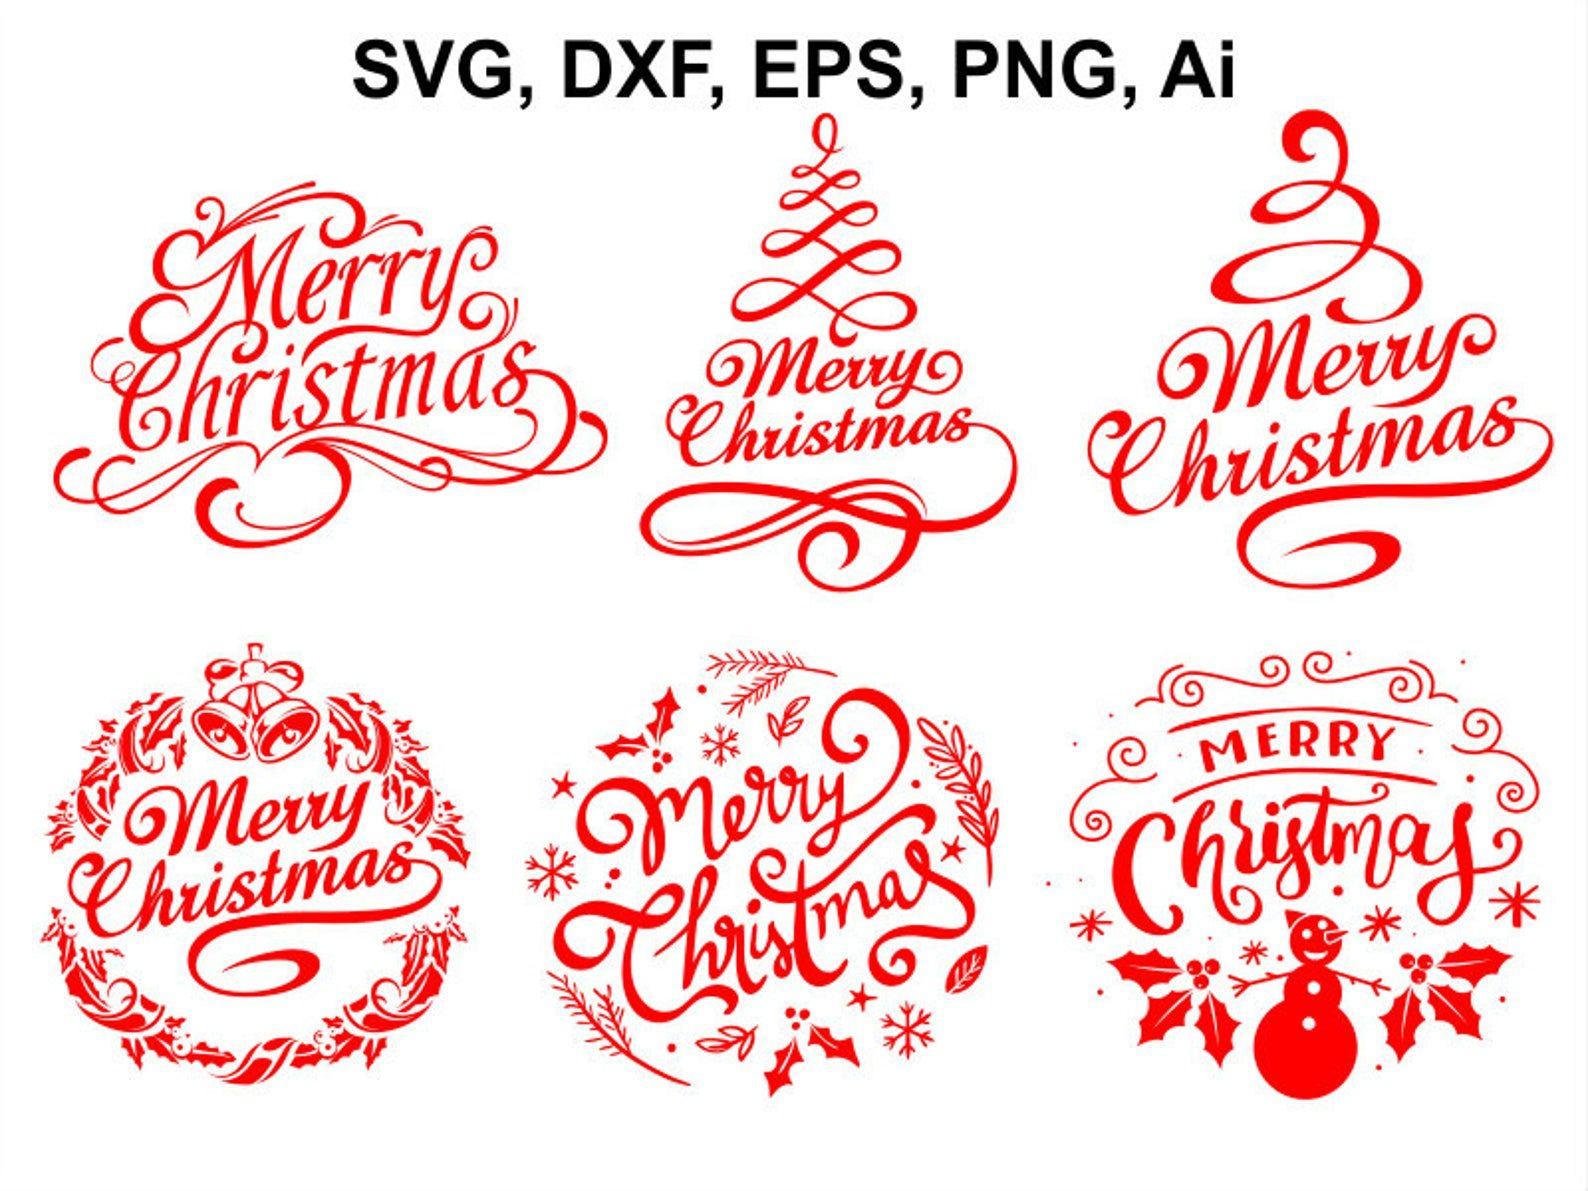 Merry Christmas SVG Kerstmis SVGbestand Kerstmis clipart